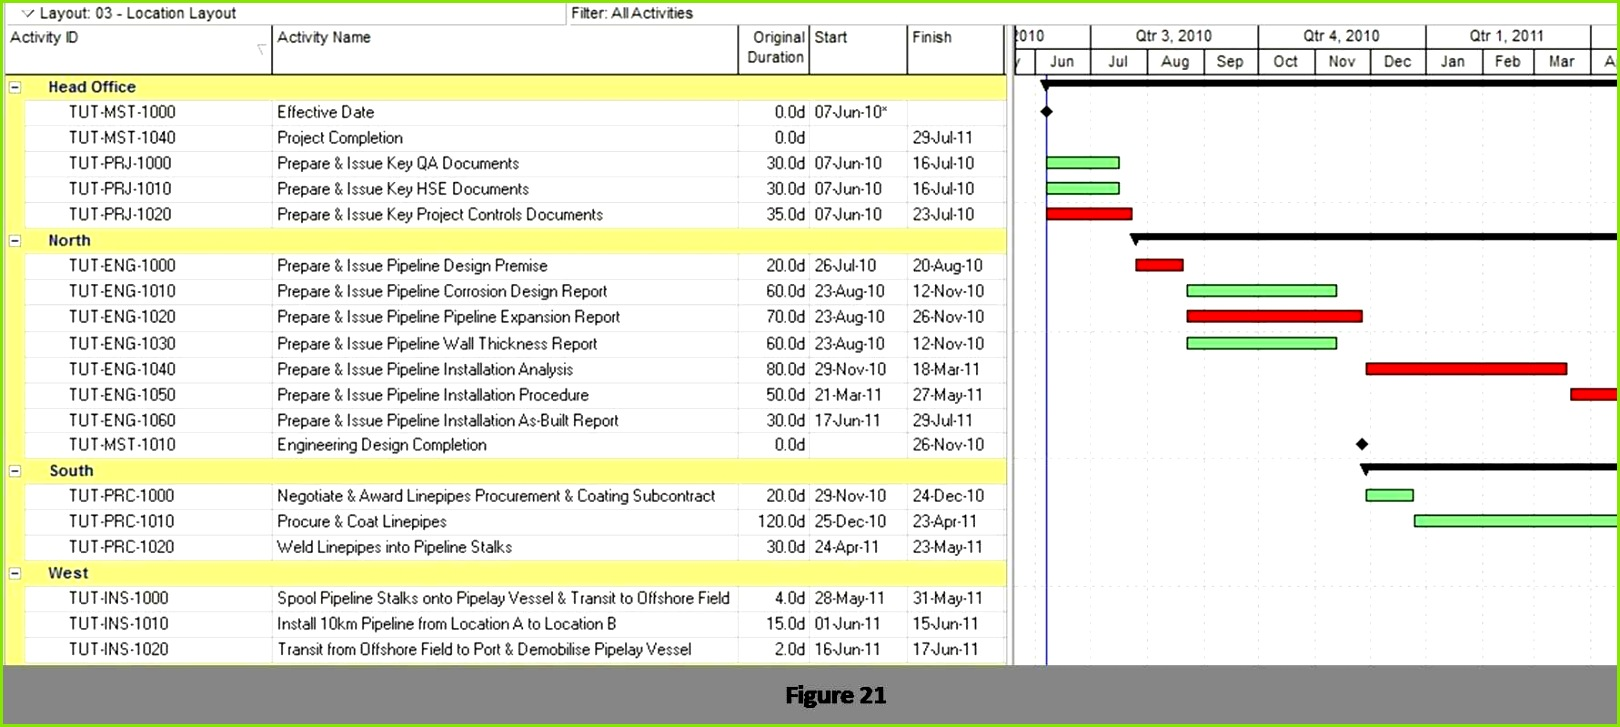 Risikoanalyse Vorlage Editierbar Nebenkostenabrechnung Erstellen Muster Aufnahme – Fragebogen 44 Editierbar Risikoanalyse Vorlage